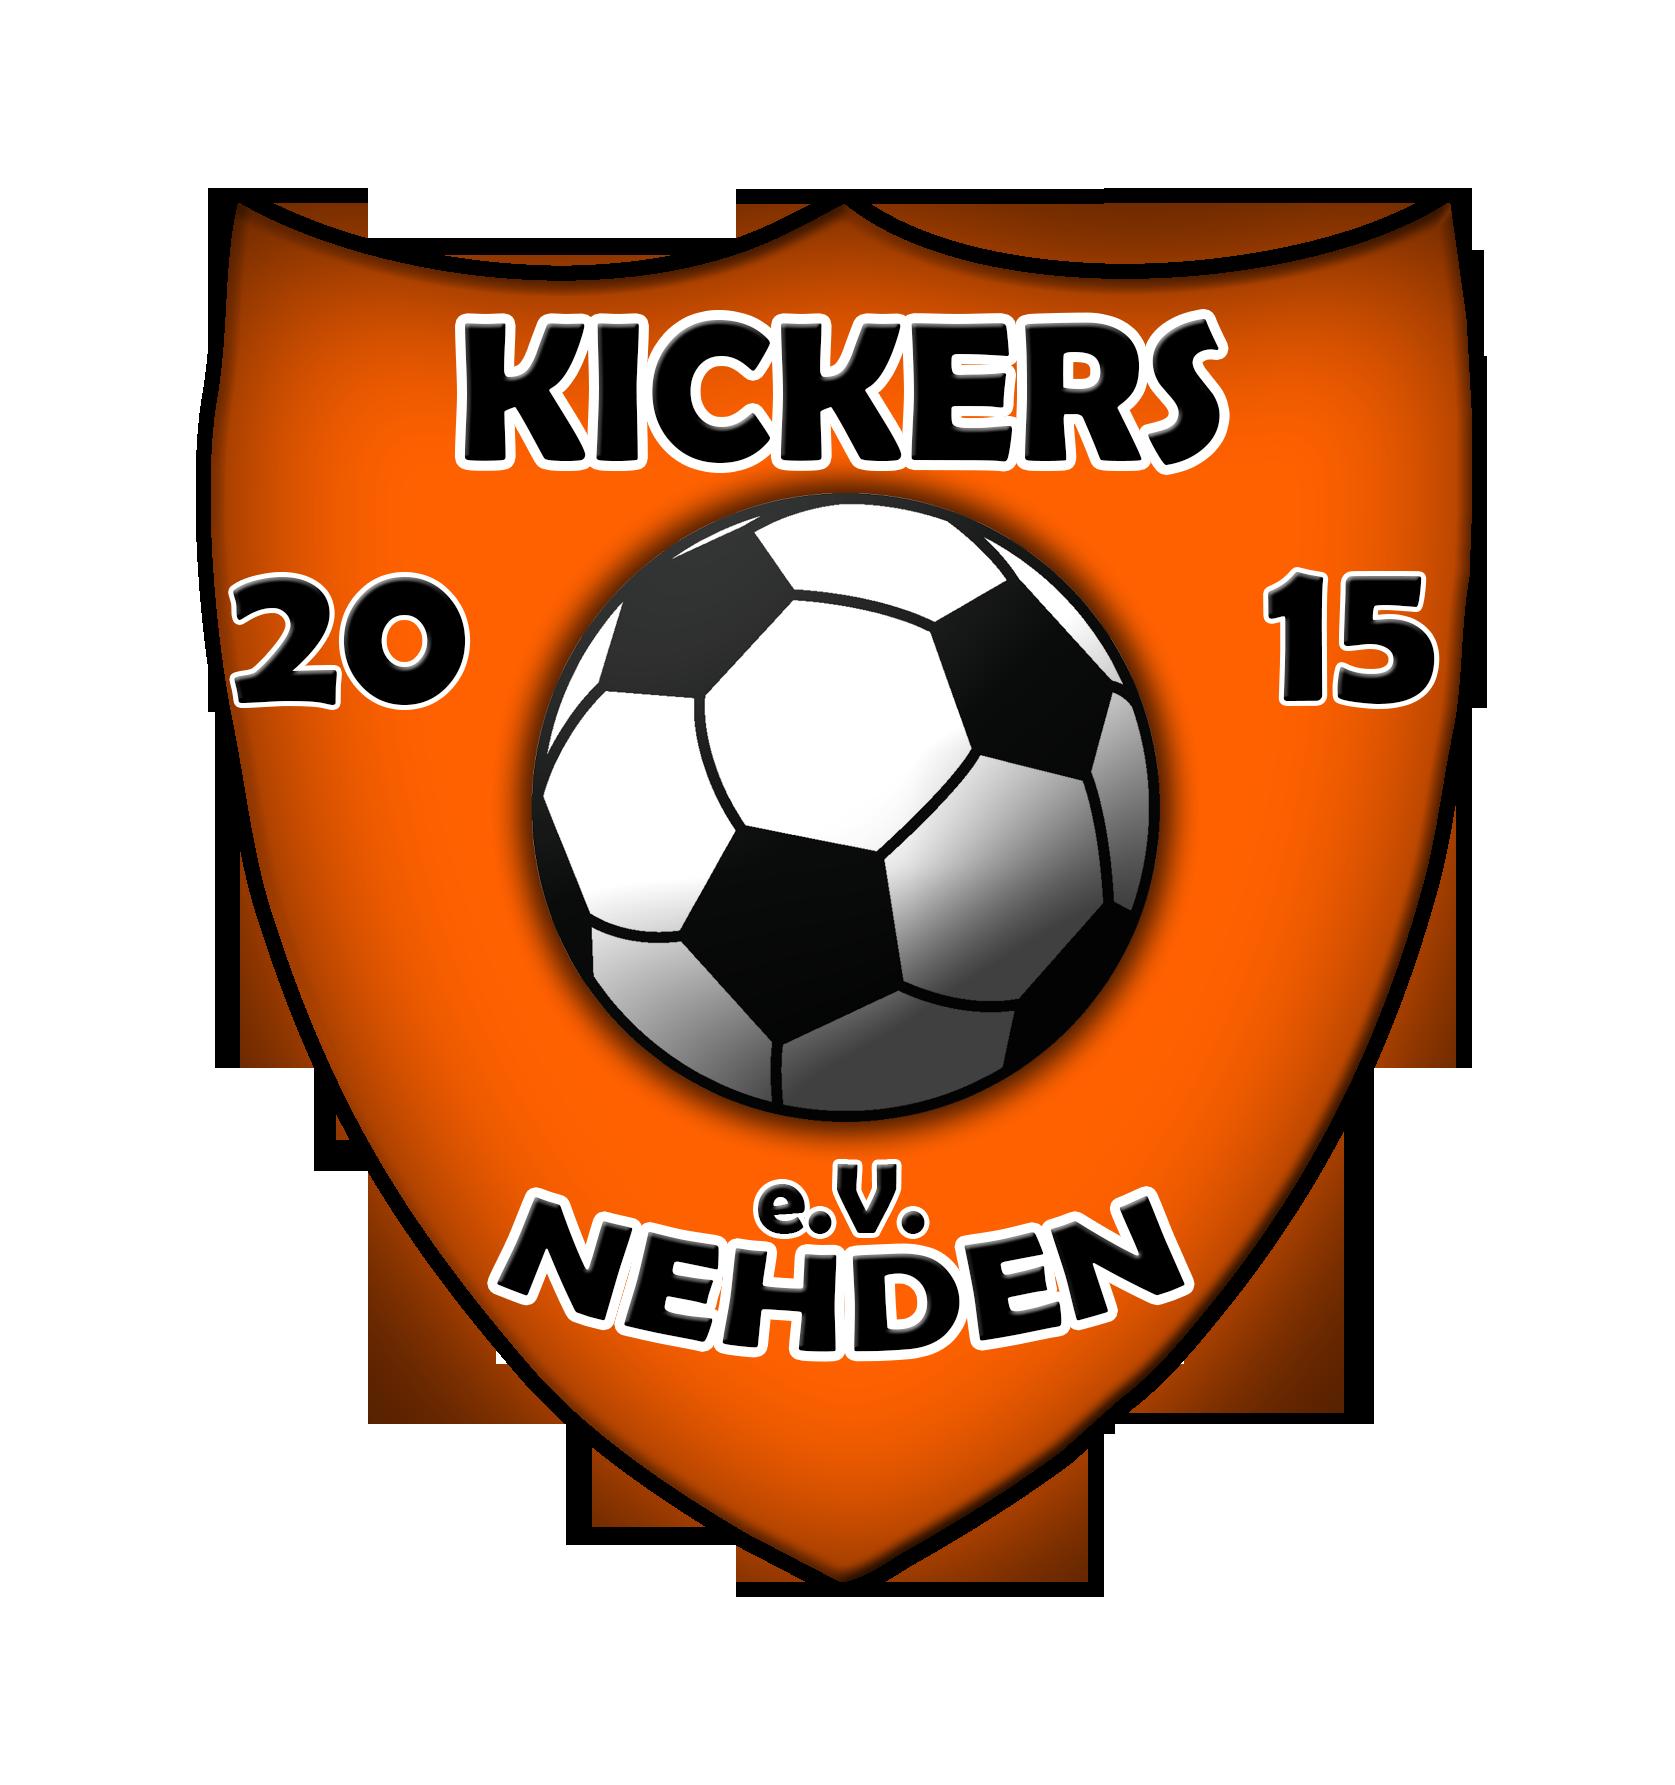 Kickers Nehden FC 2015 e.V.